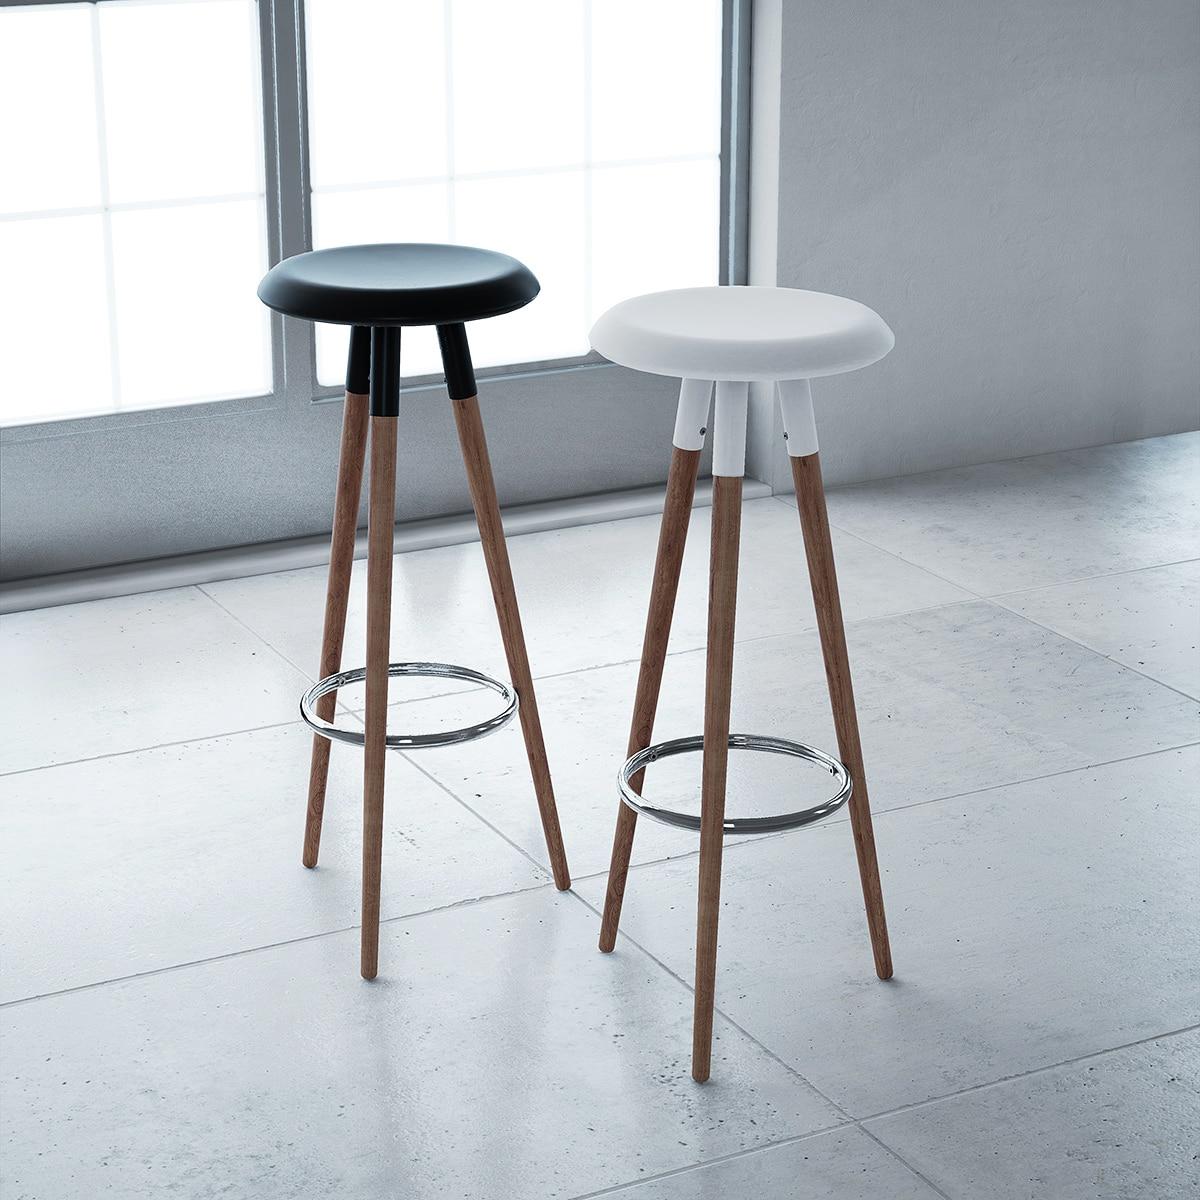 boconcept bar stool ue4arch. Black Bedroom Furniture Sets. Home Design Ideas